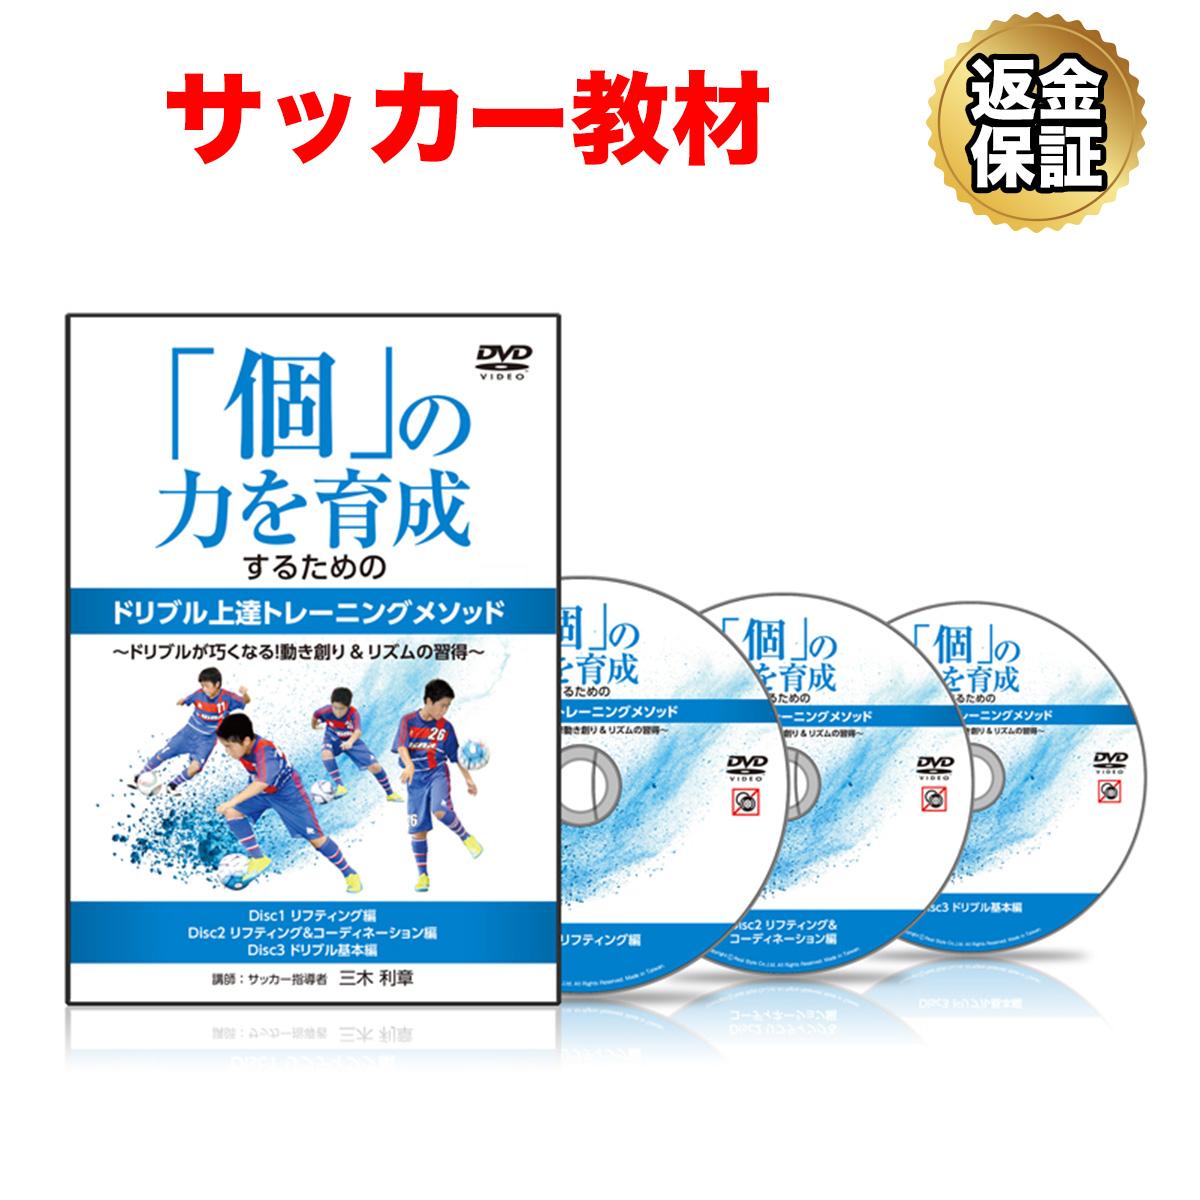 【サッカー】「個」の力を育成するためのドリブル上達トレーニングメソッド~ドリブルが巧くなる!動き創り&リズムの習得~